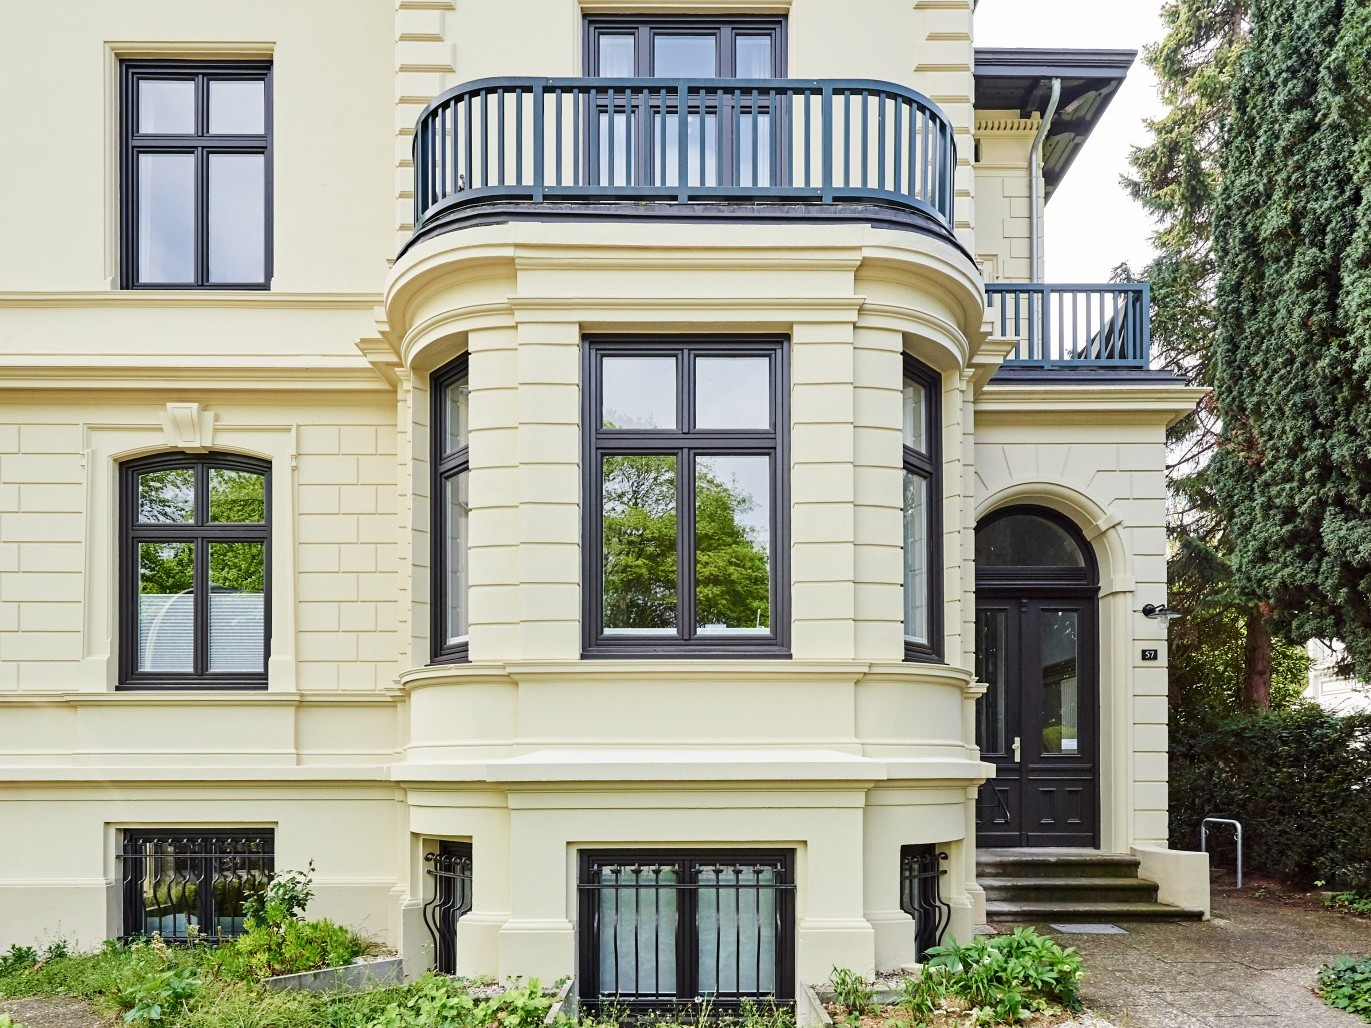 sanierung-dach-fassade-muehlenberger-weg-ansicht-strasse